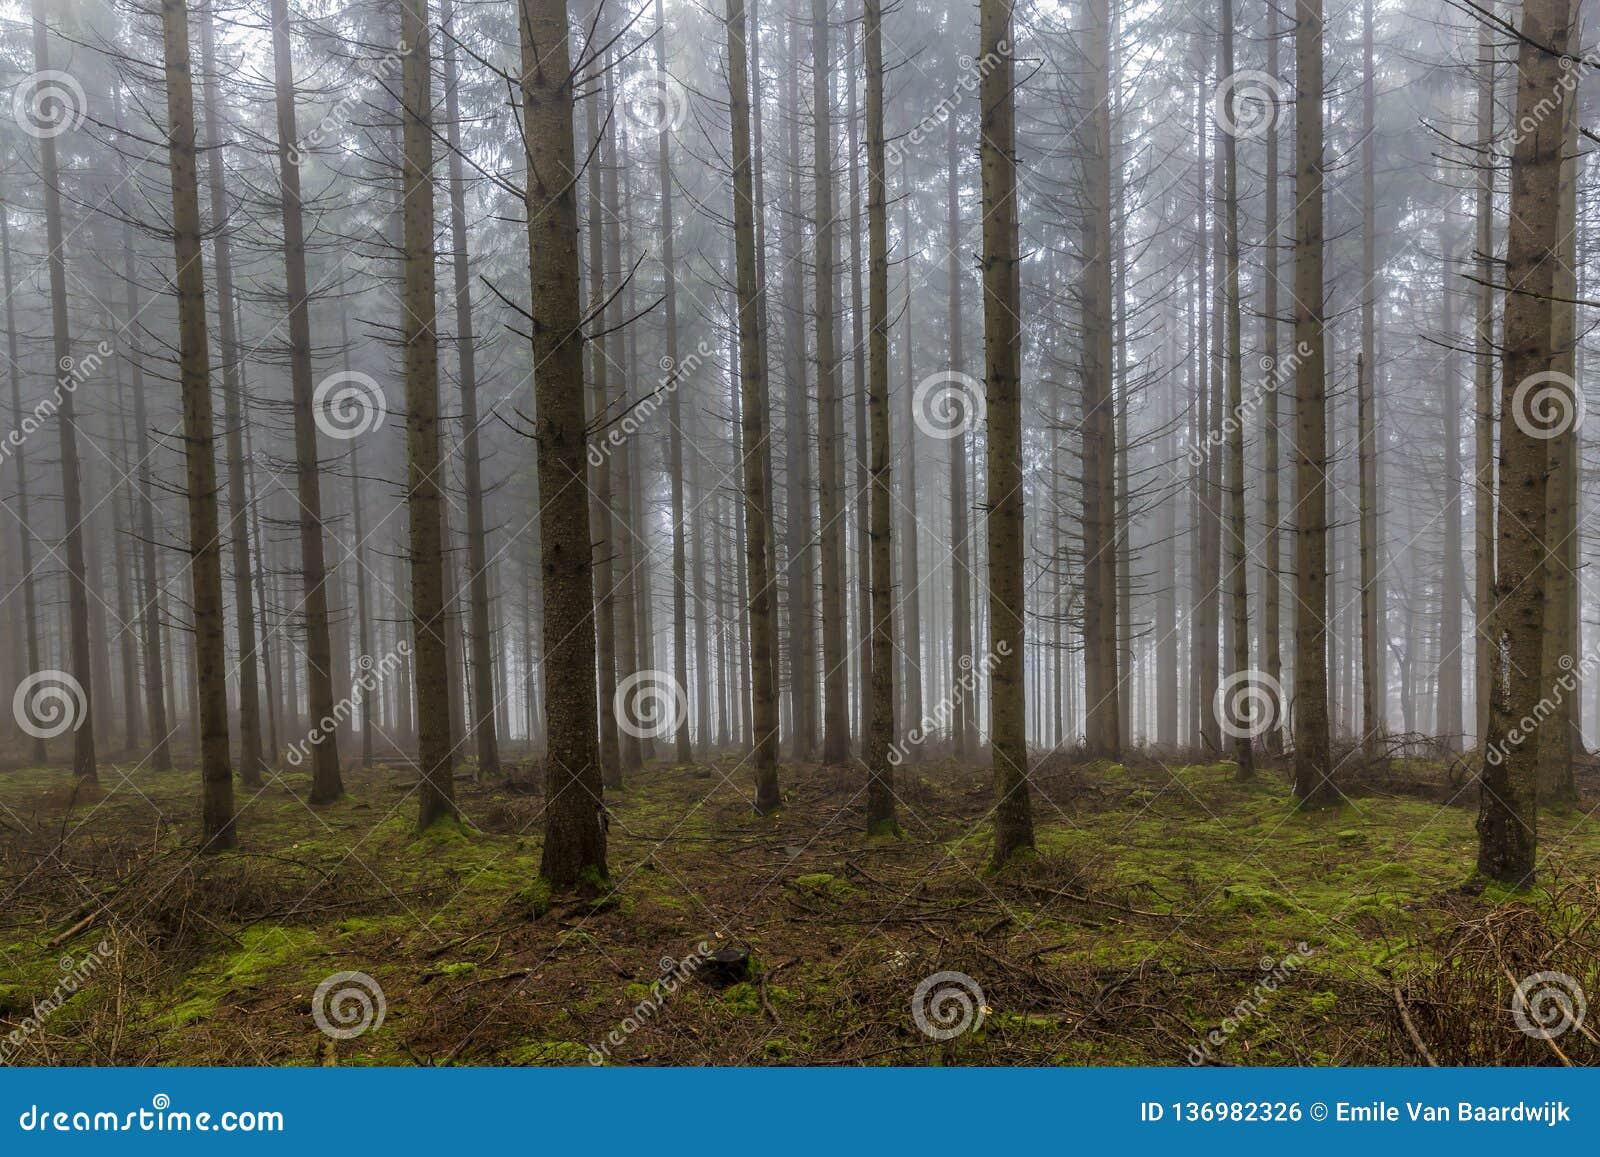 Wizerunek wysokie sosny w lesie z mech i gałąź na ziemi z mnóstwo mgłą